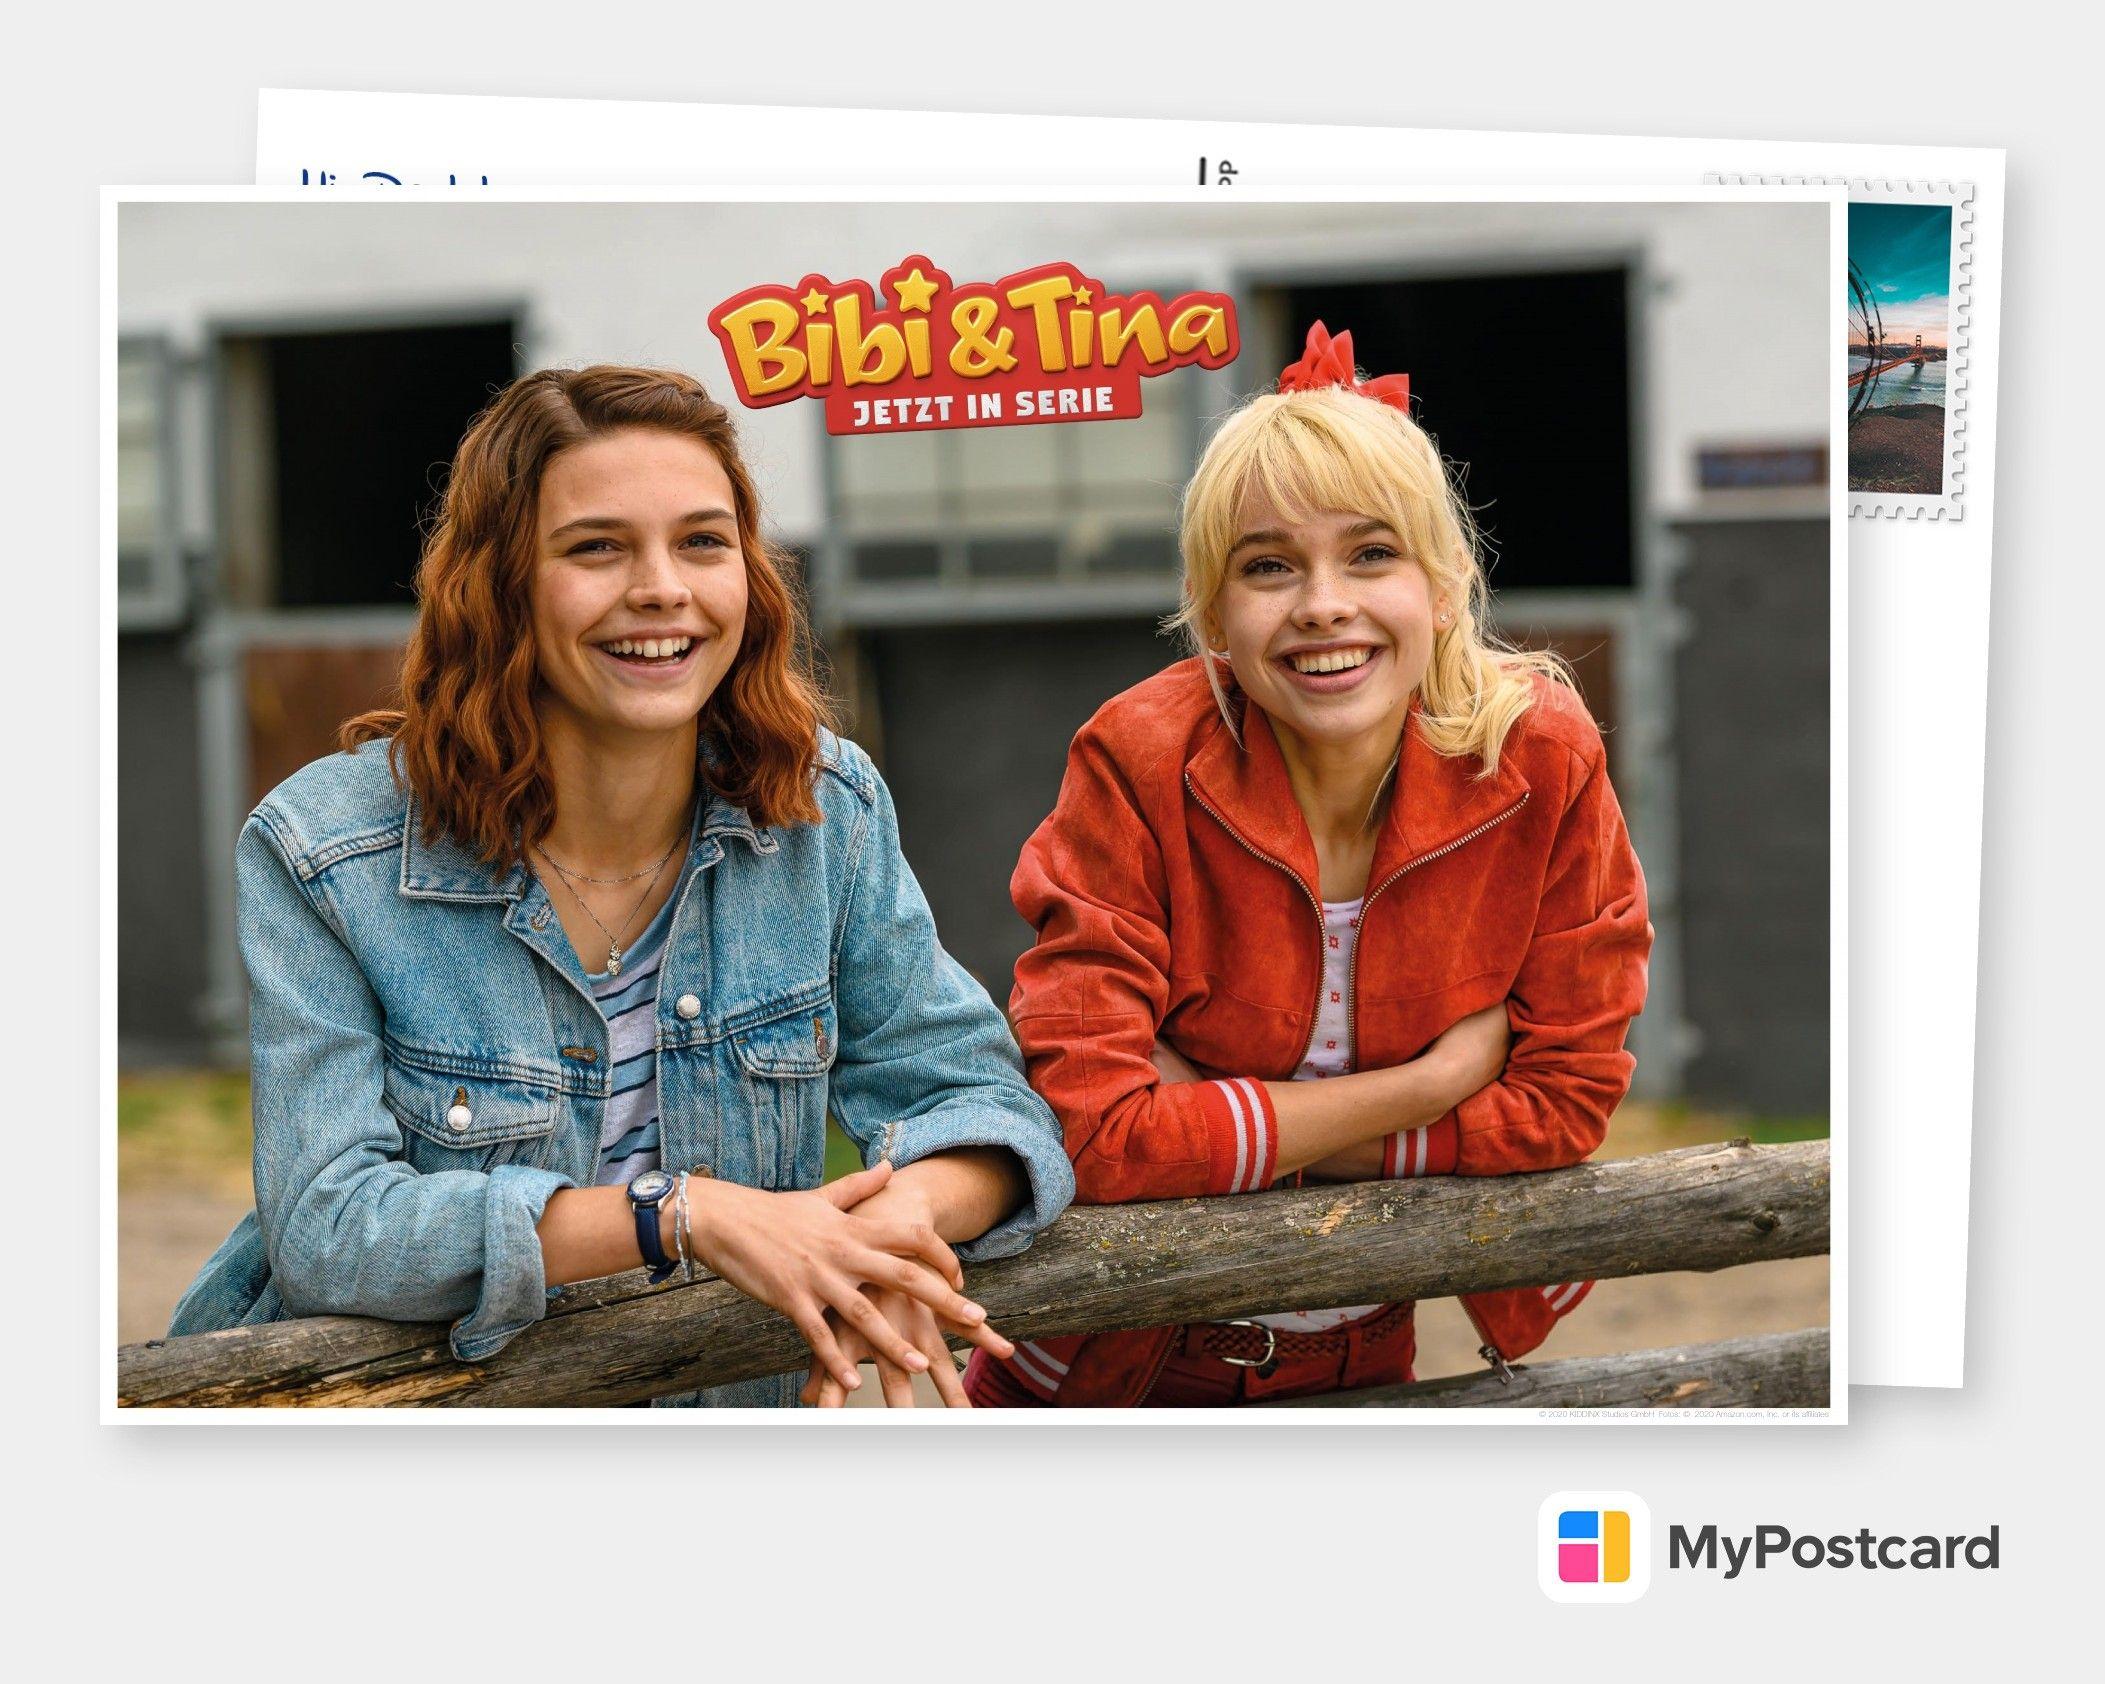 Bibi Tina Jetzt In Serie Film Musik Karten Echte Postkarten Online Versenden Bibi Und Tina Filme Film Marathon